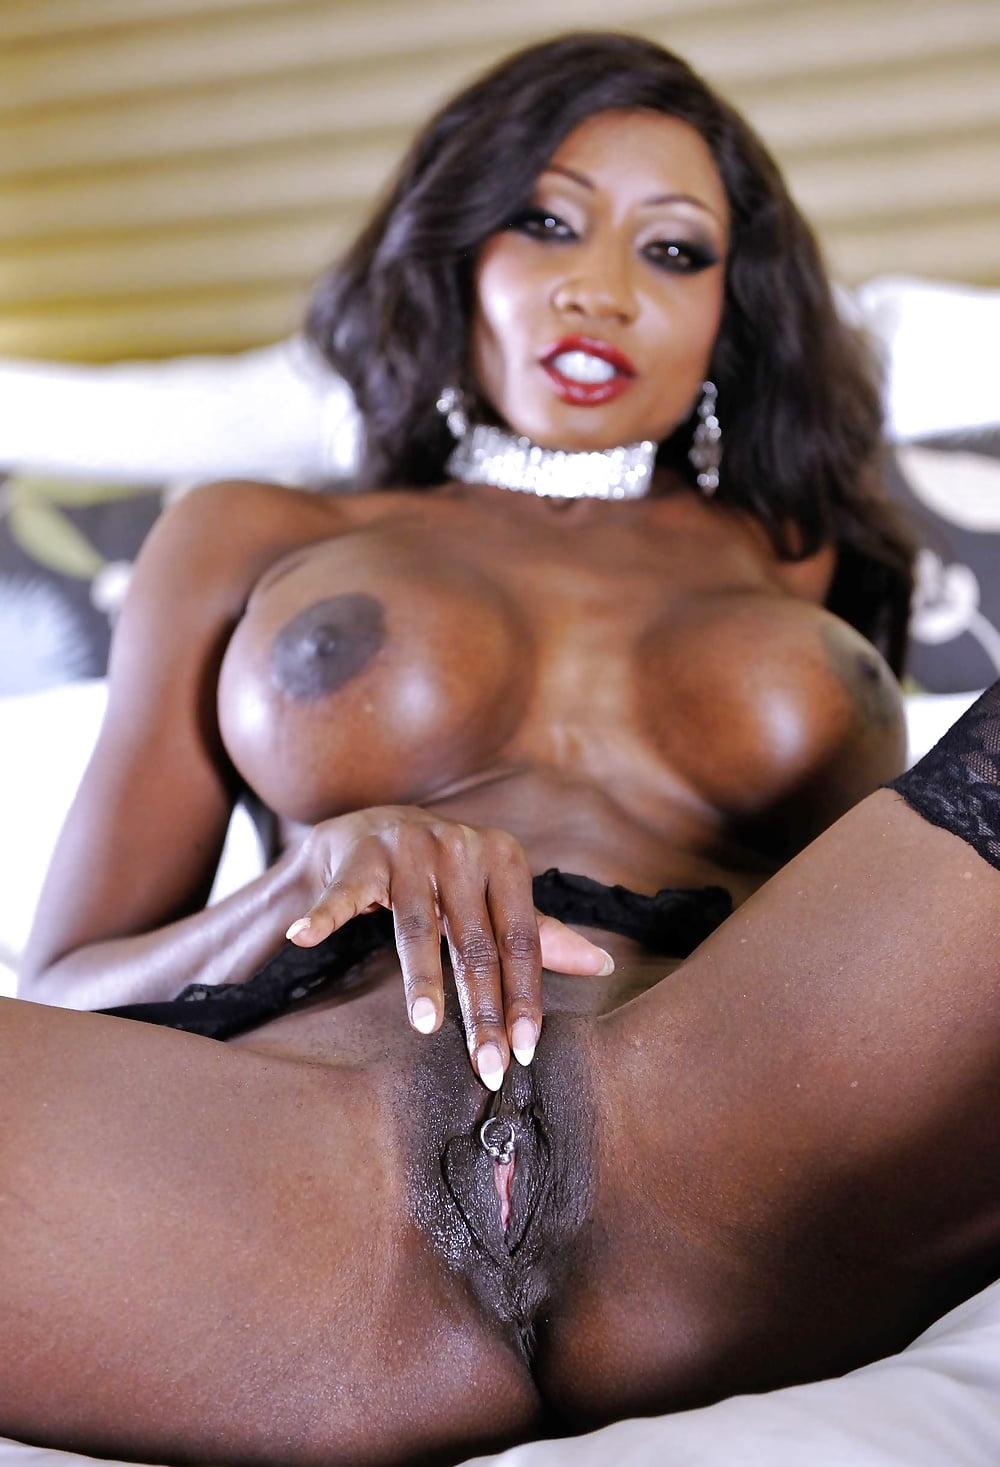 Diamond jackson interracial #14